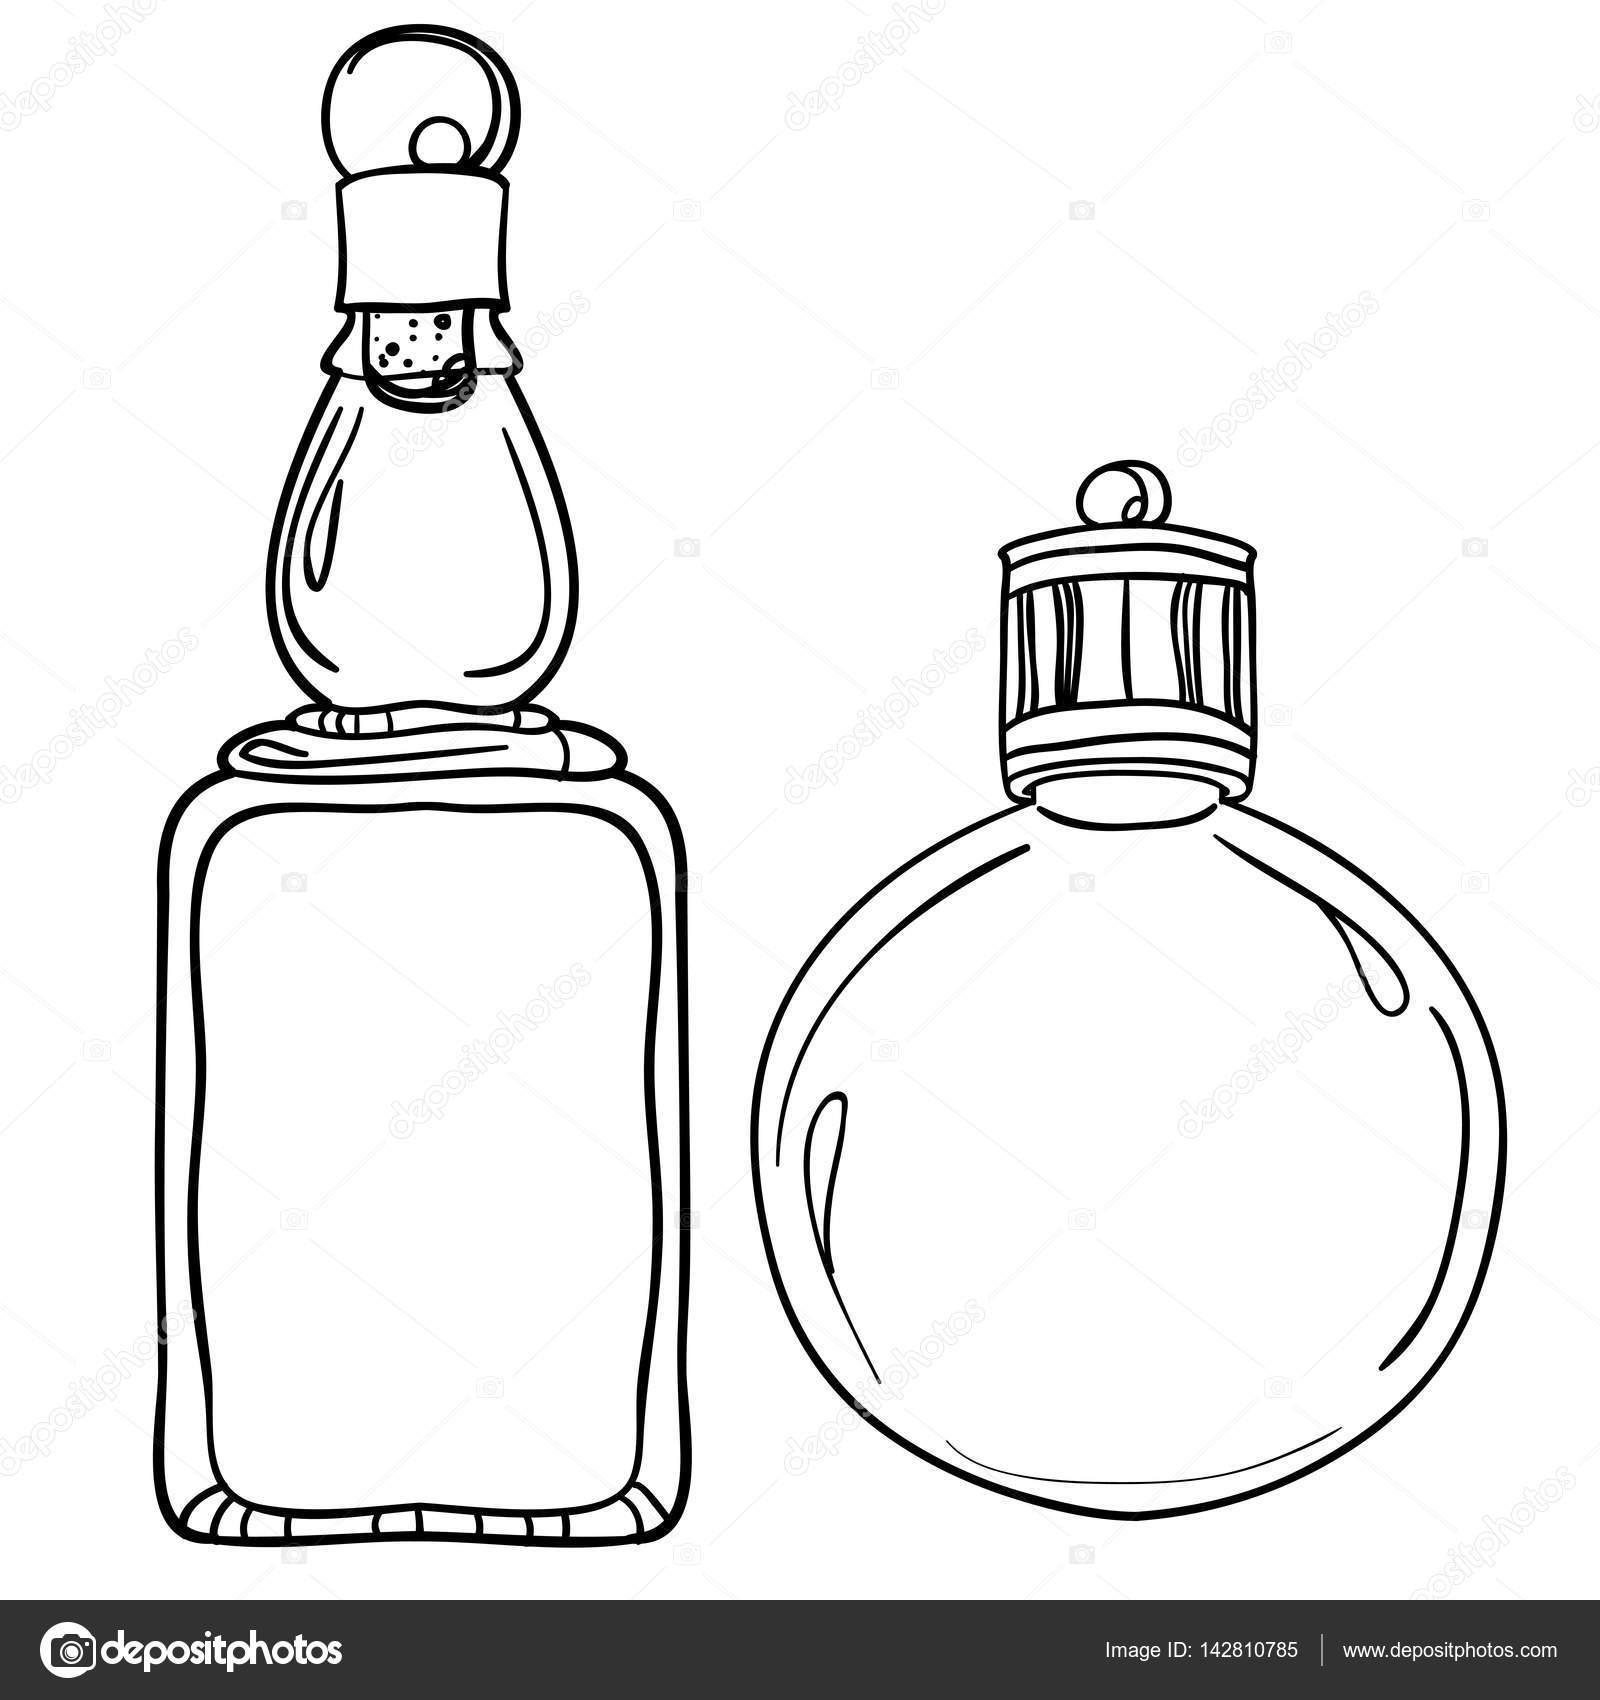 Botellas de vidrio blanco y negro — Archivo Imágenes Vectoriales ...